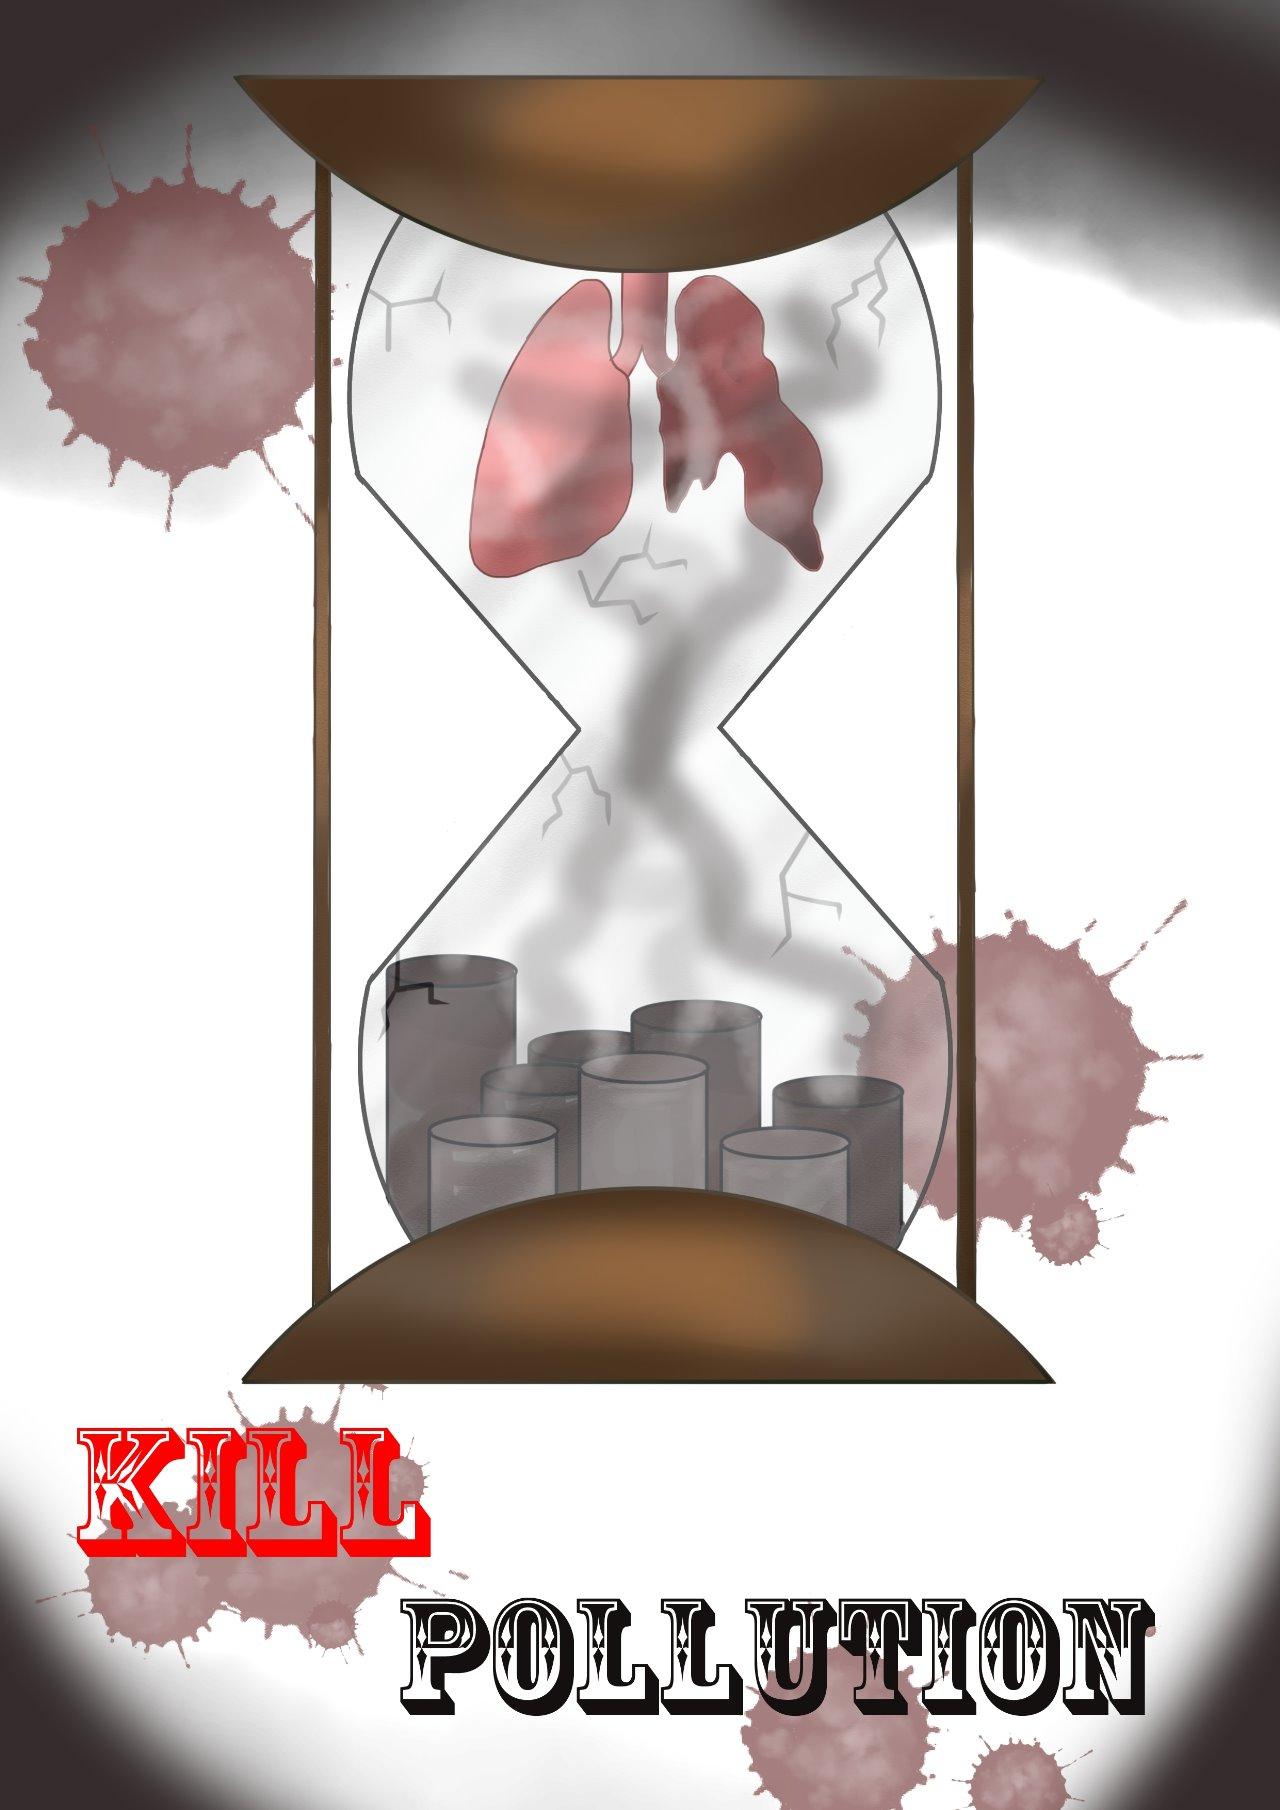 Kill pollution